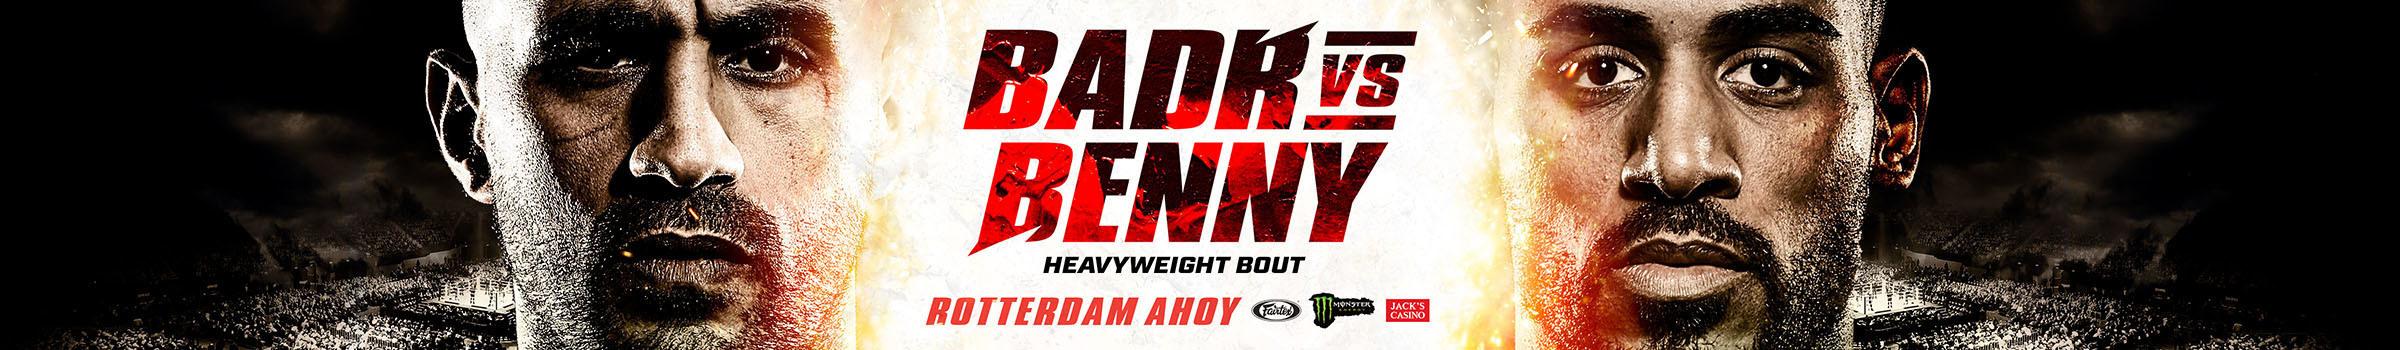 BADR VS. BENNY